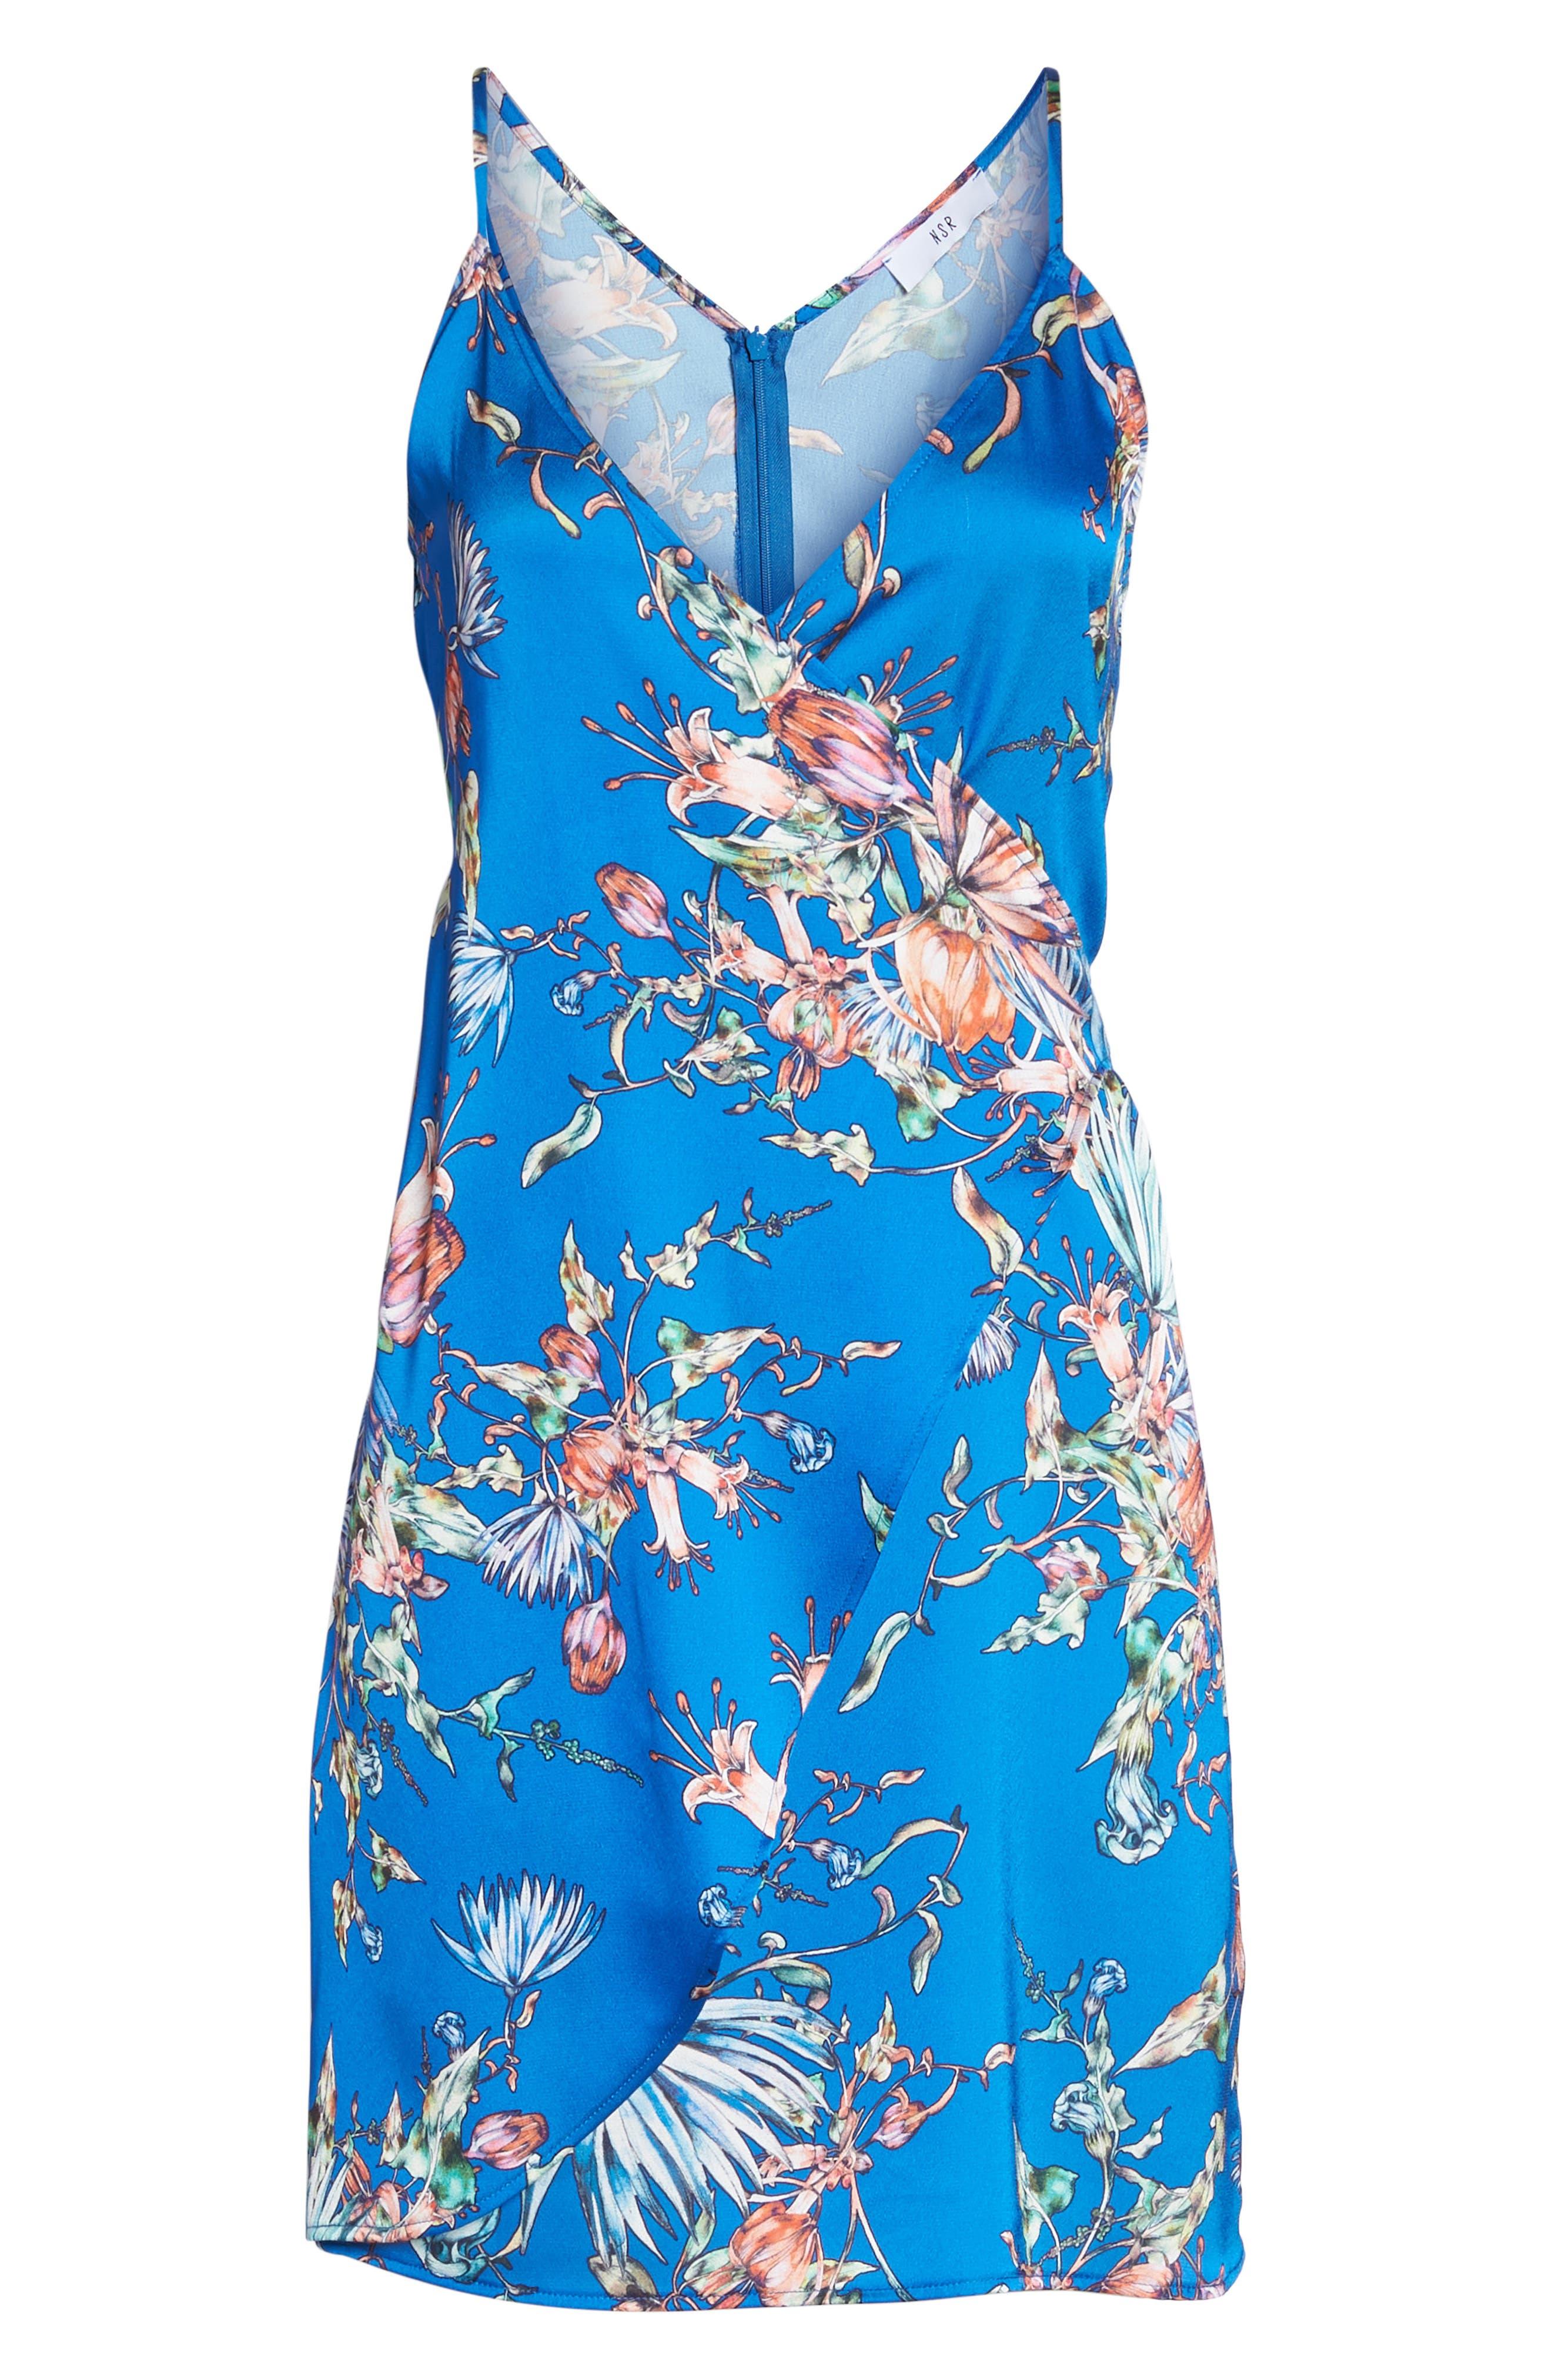 Floral Print Satin Faux Wrap Dress,                             Alternate thumbnail 7, color,                             430